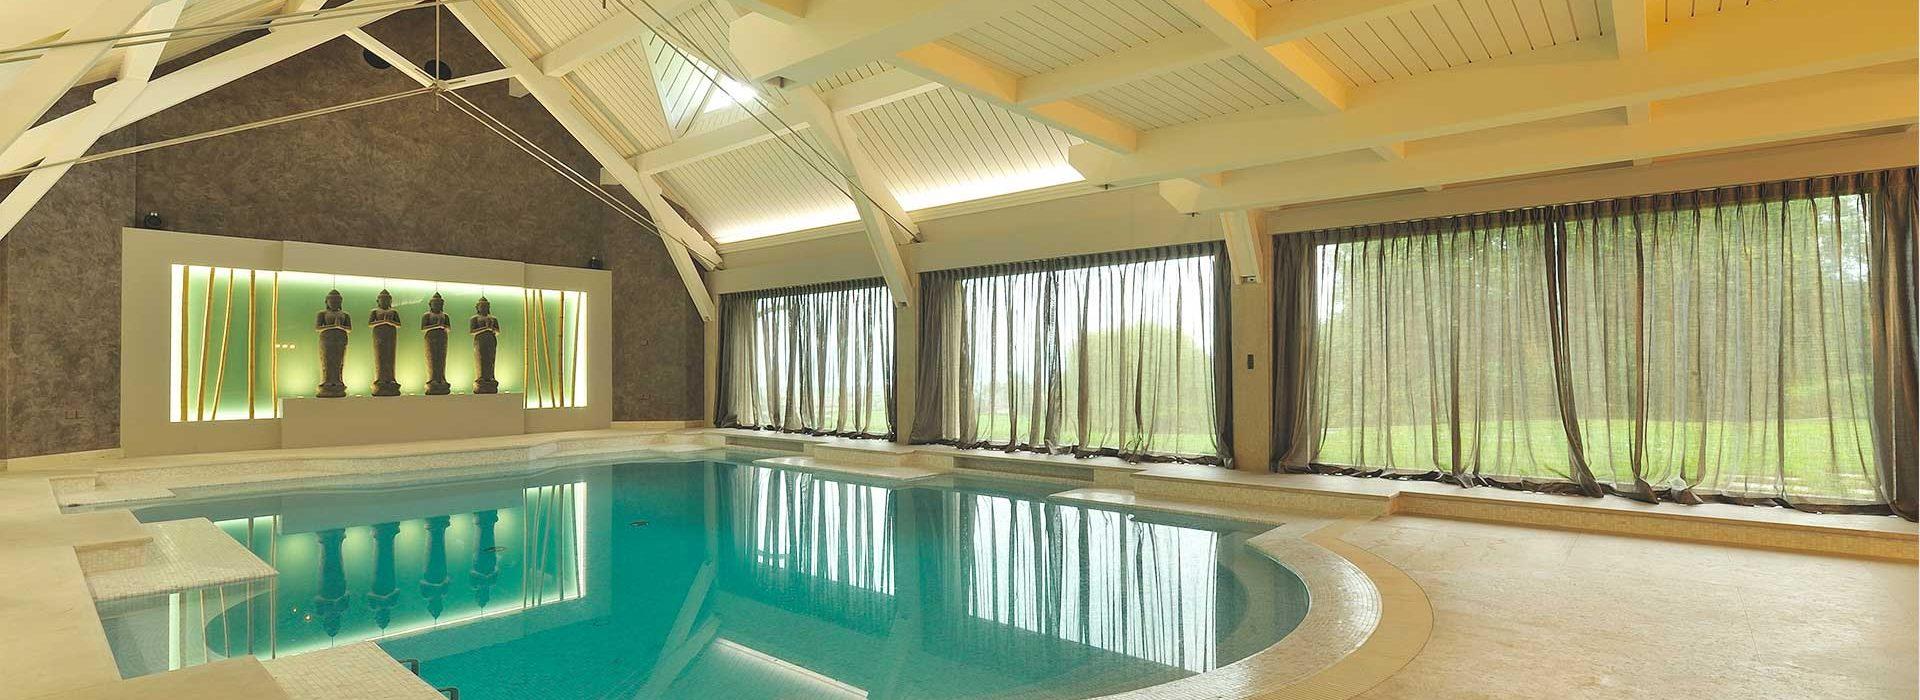 MANOR-RIVE-DROITE-GENEVA-07-Dome-interior-design-Geneve-Suisse